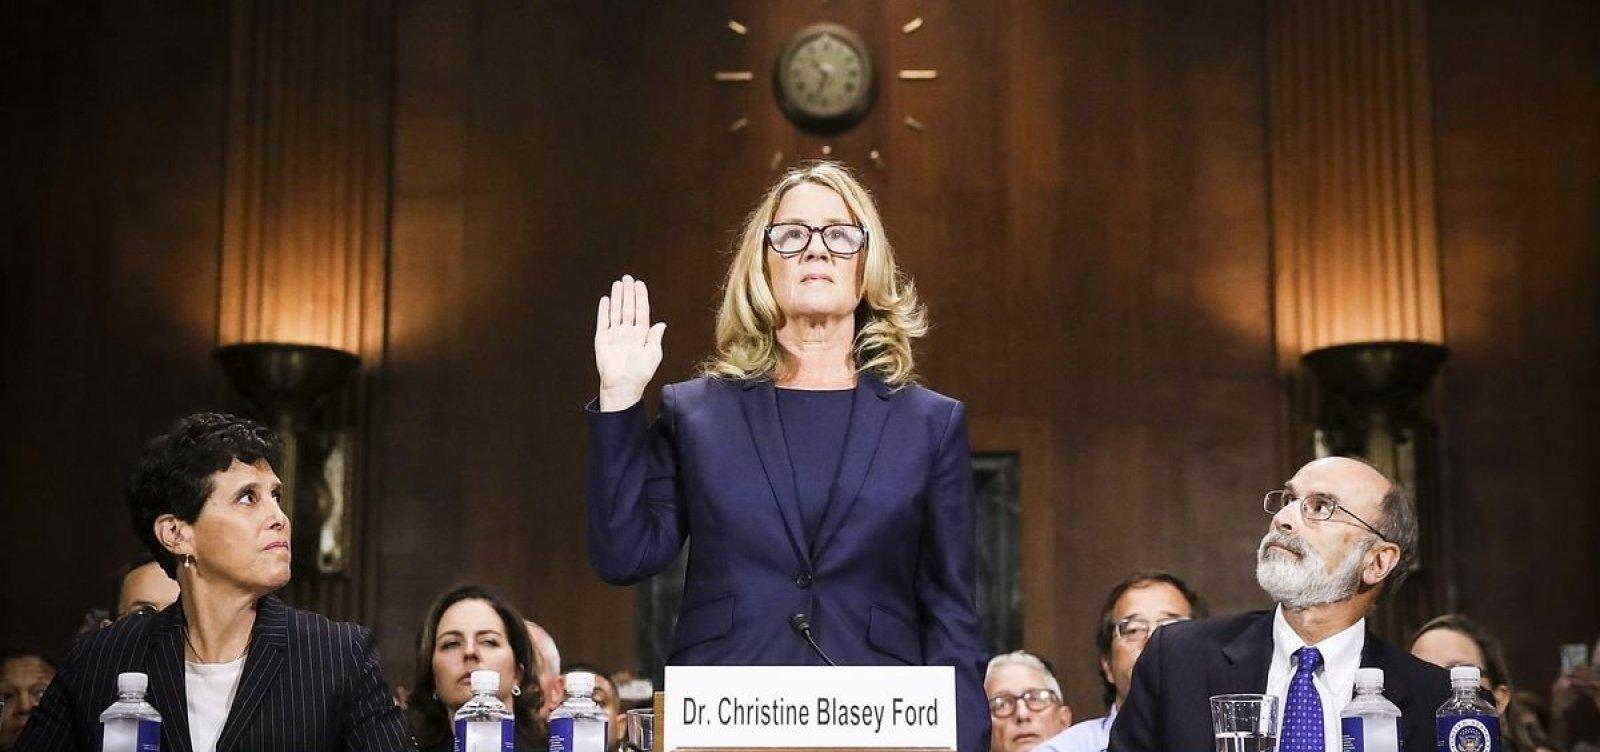 [Professora relata no Senado dos EUA assédio de indicado à Suprema Corte; juiz nega]